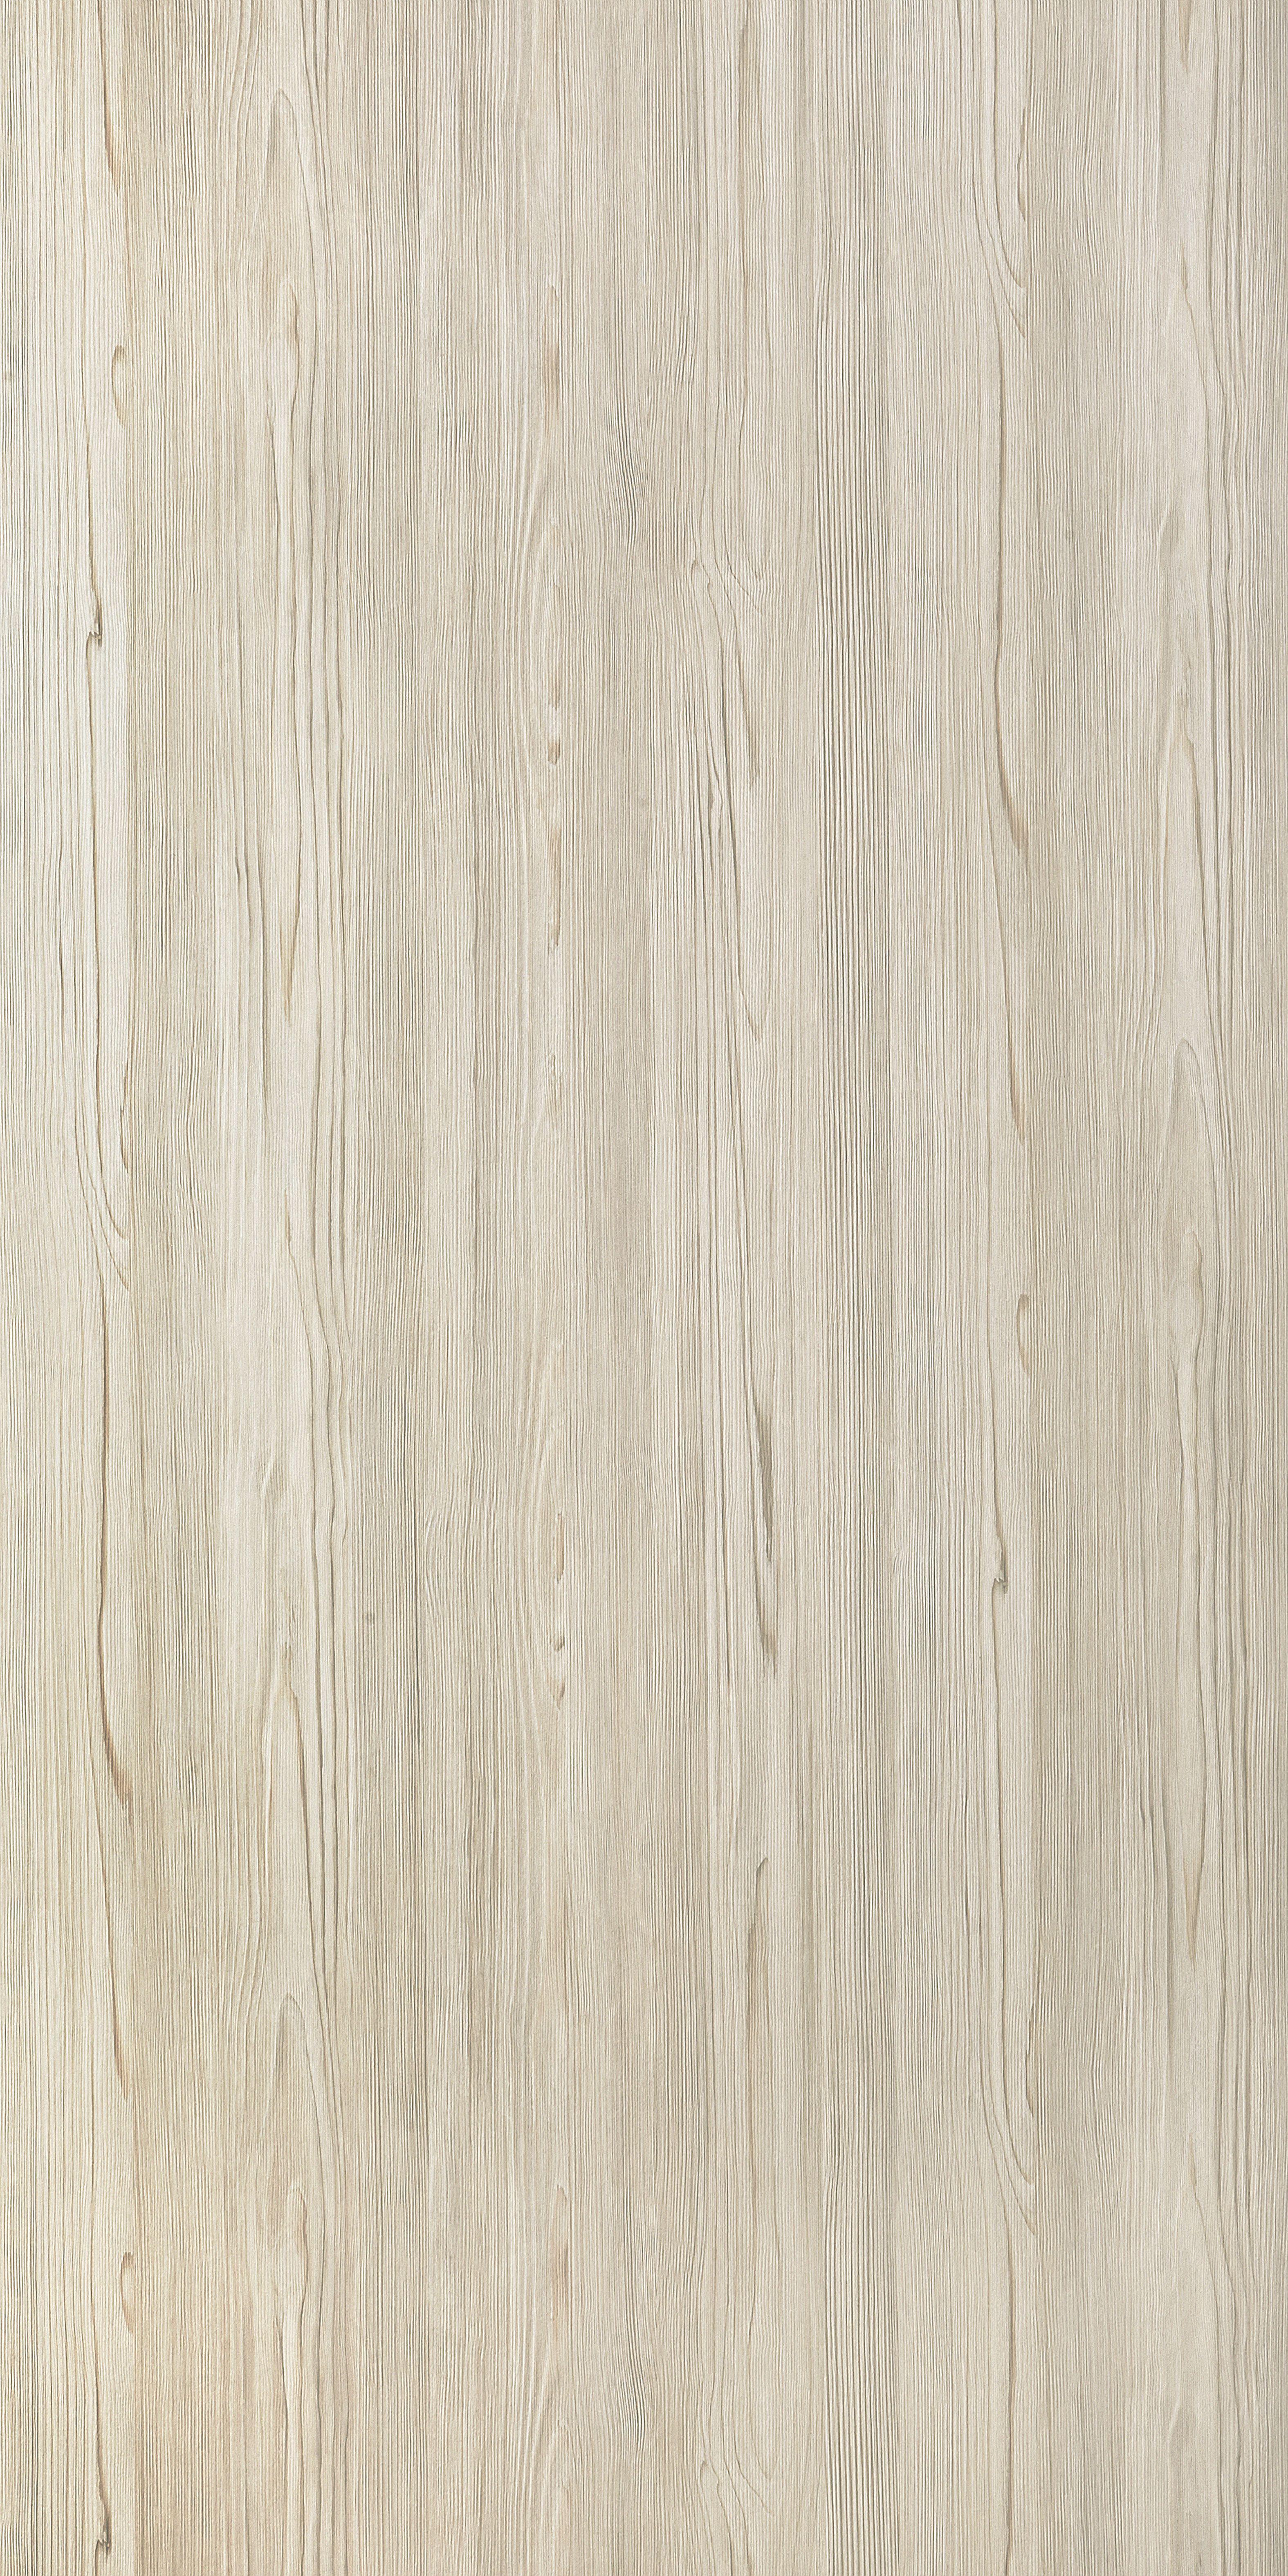 edl katthult materials pinterest texture bois materiaux et bois. Black Bedroom Furniture Sets. Home Design Ideas